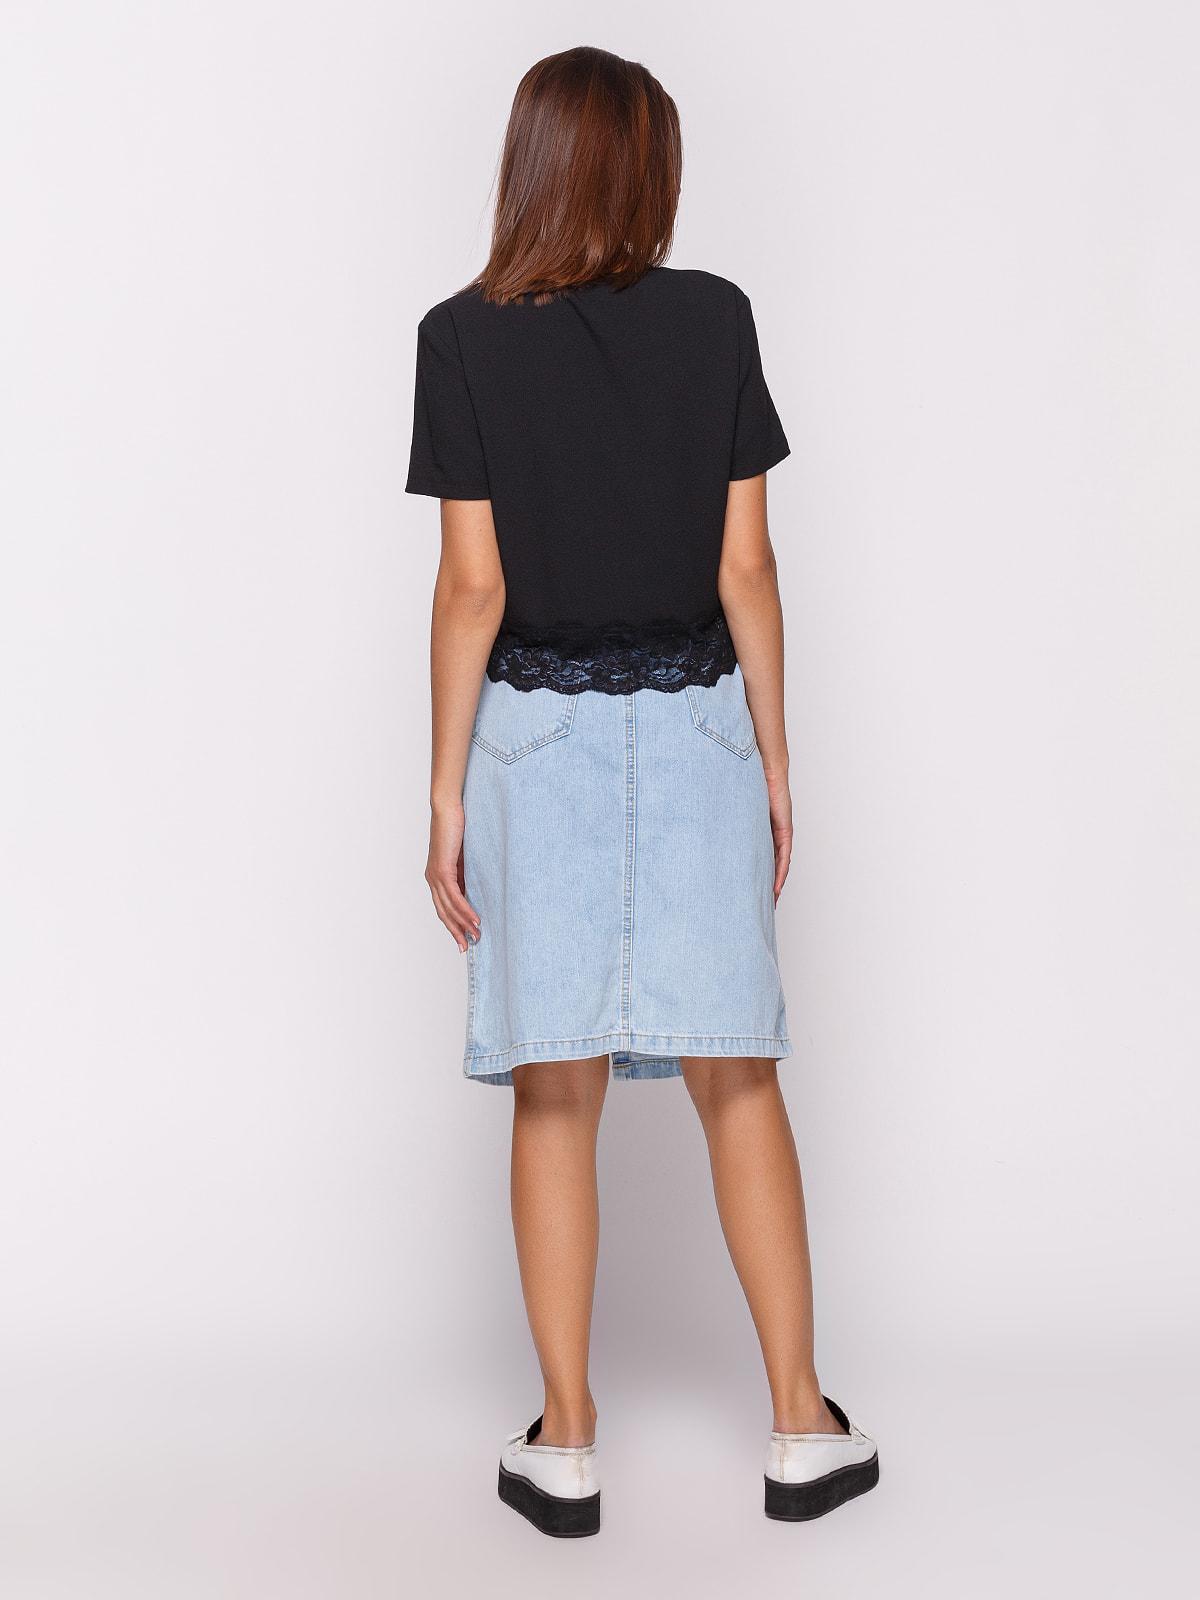 Юбка голубая джинсовая | 4631102 | фото 3